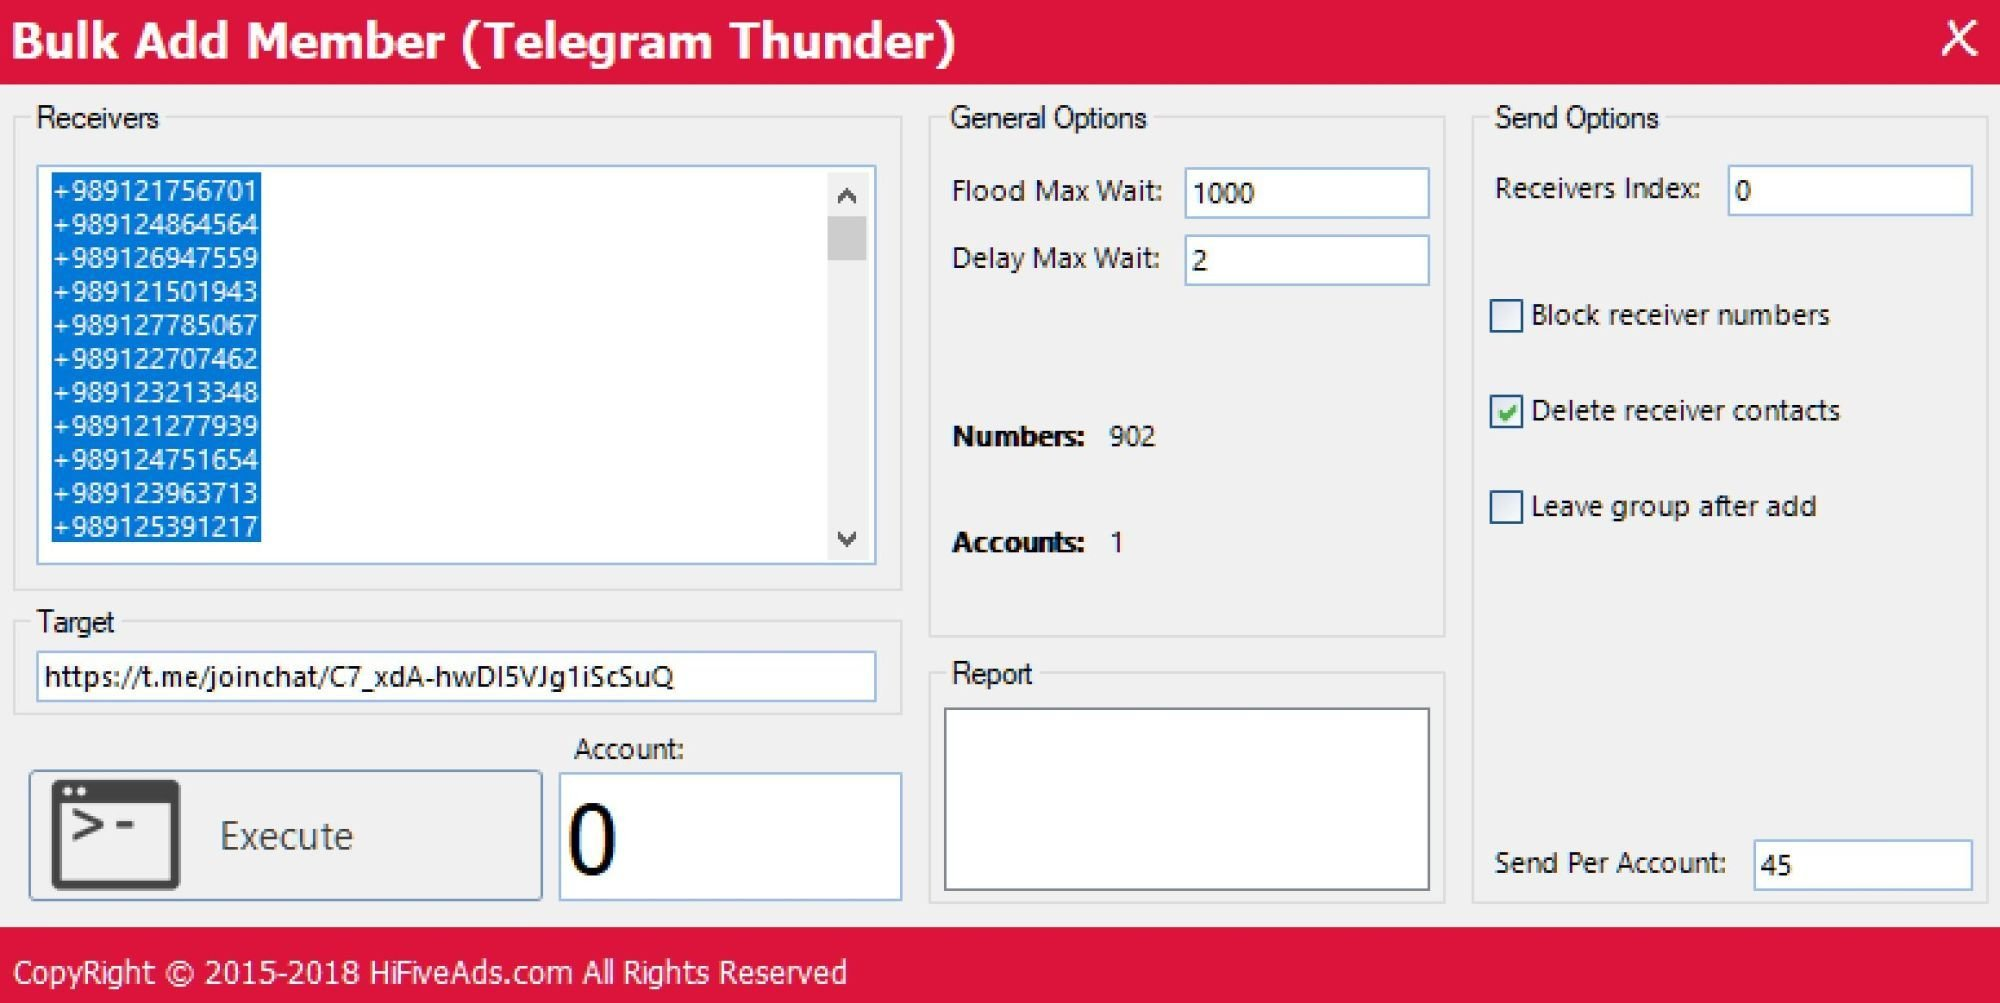 telegram födelsedag humor How To Copy Telegram Group Member | Telegram Member Adder Software telegram födelsedag humor